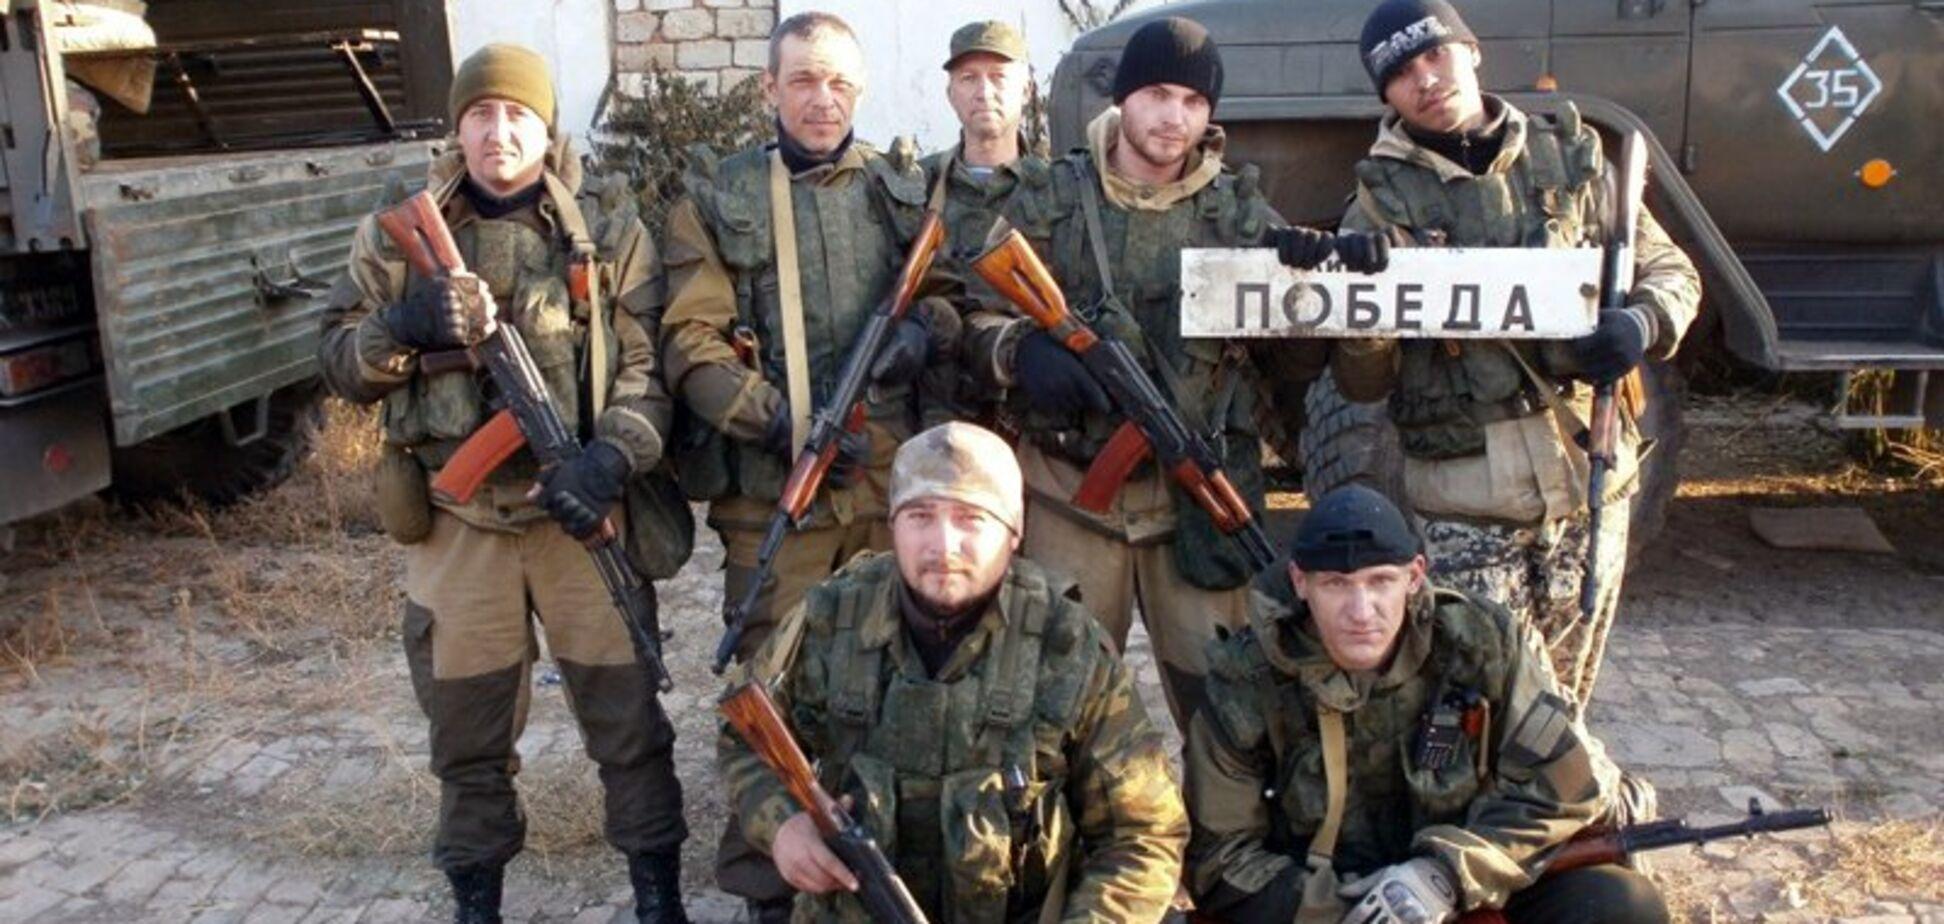 'Победун': в сети показали ликвидированного на Донбассе наемника Путина